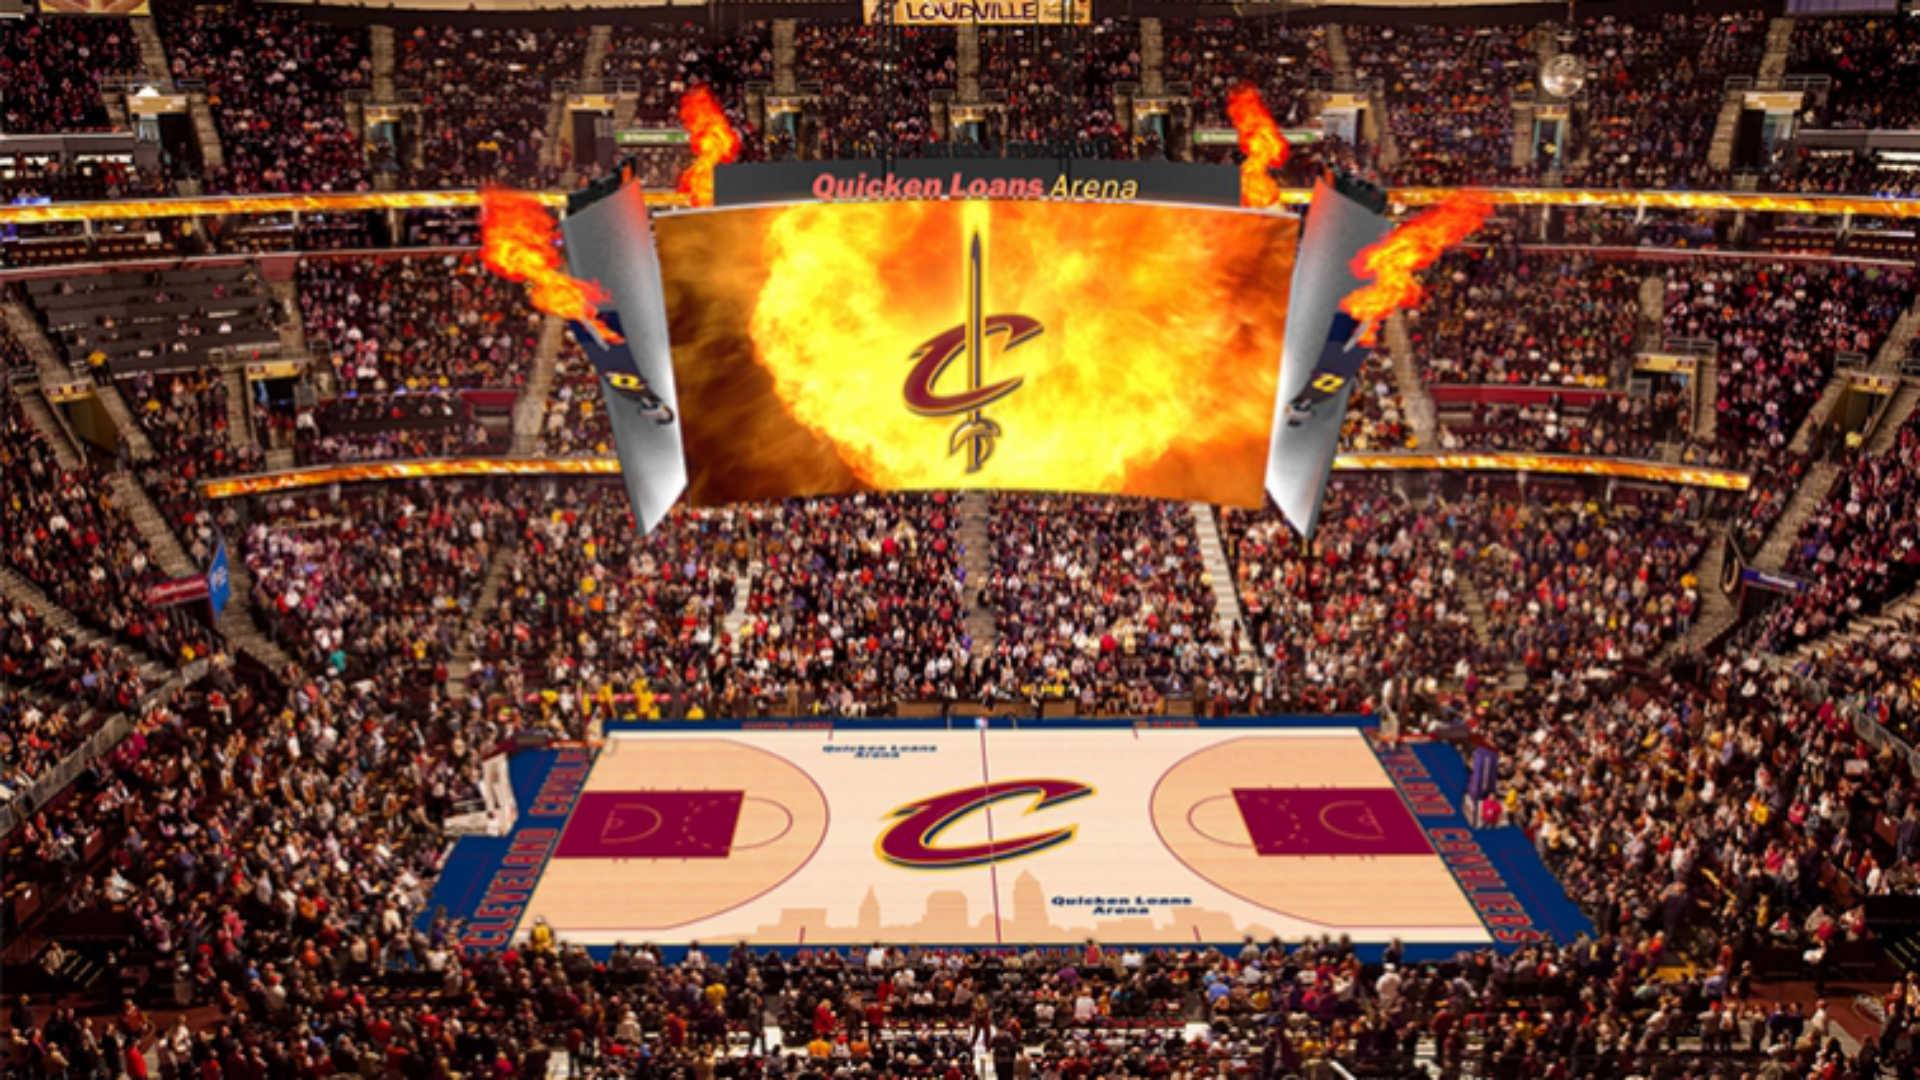 cleveland-cavaliers-scoreboard-103014-rendering-ftr.jpg